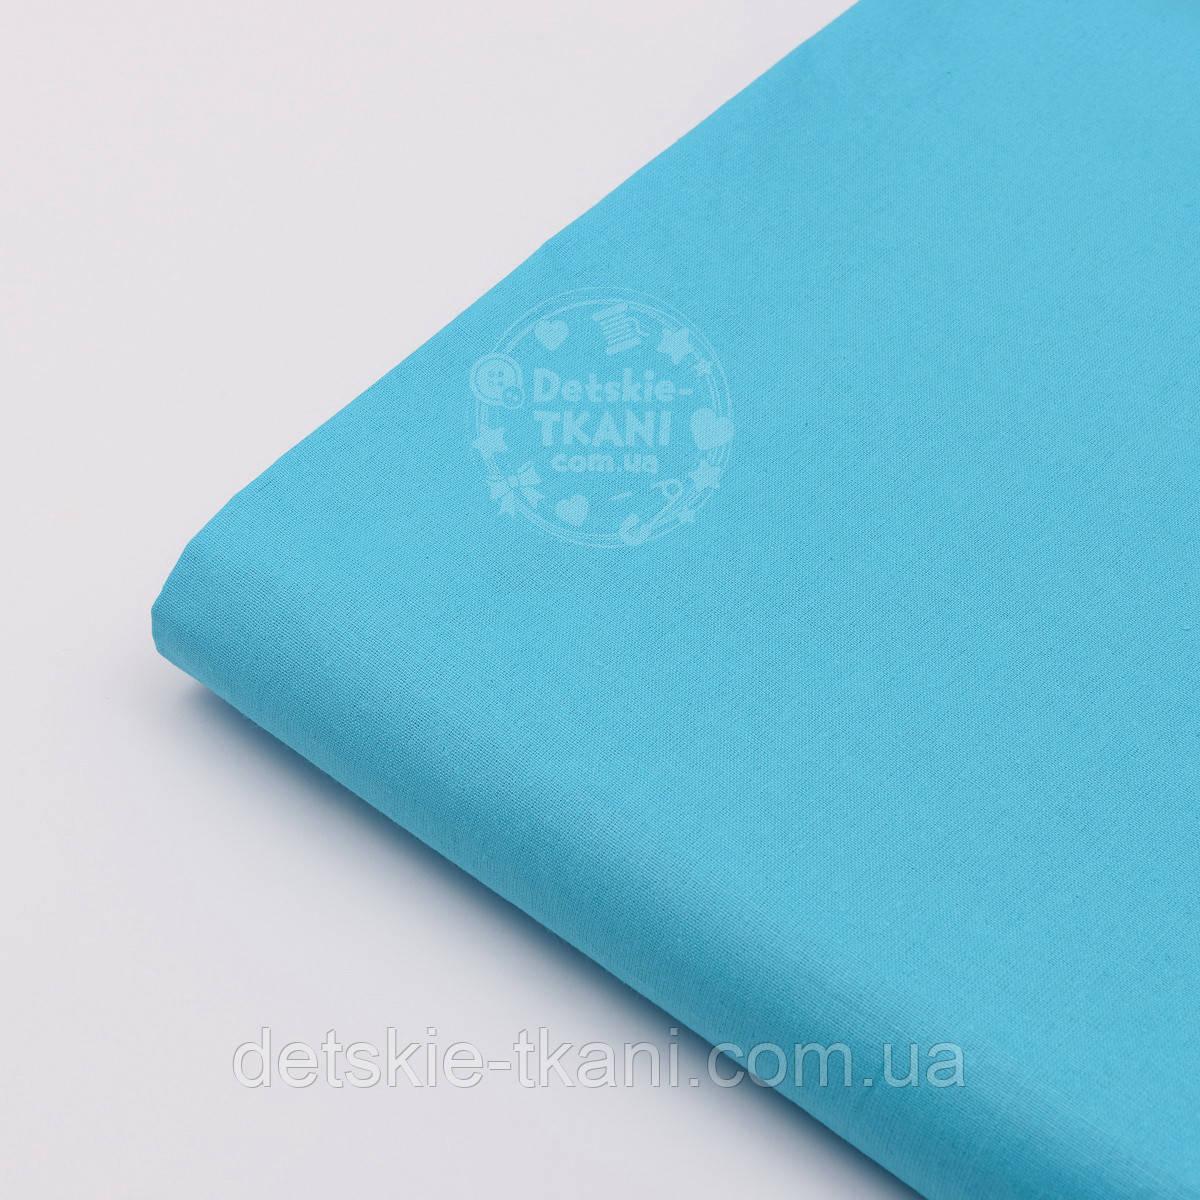 Лоскут ткани №266 однотонная лазурного цвета